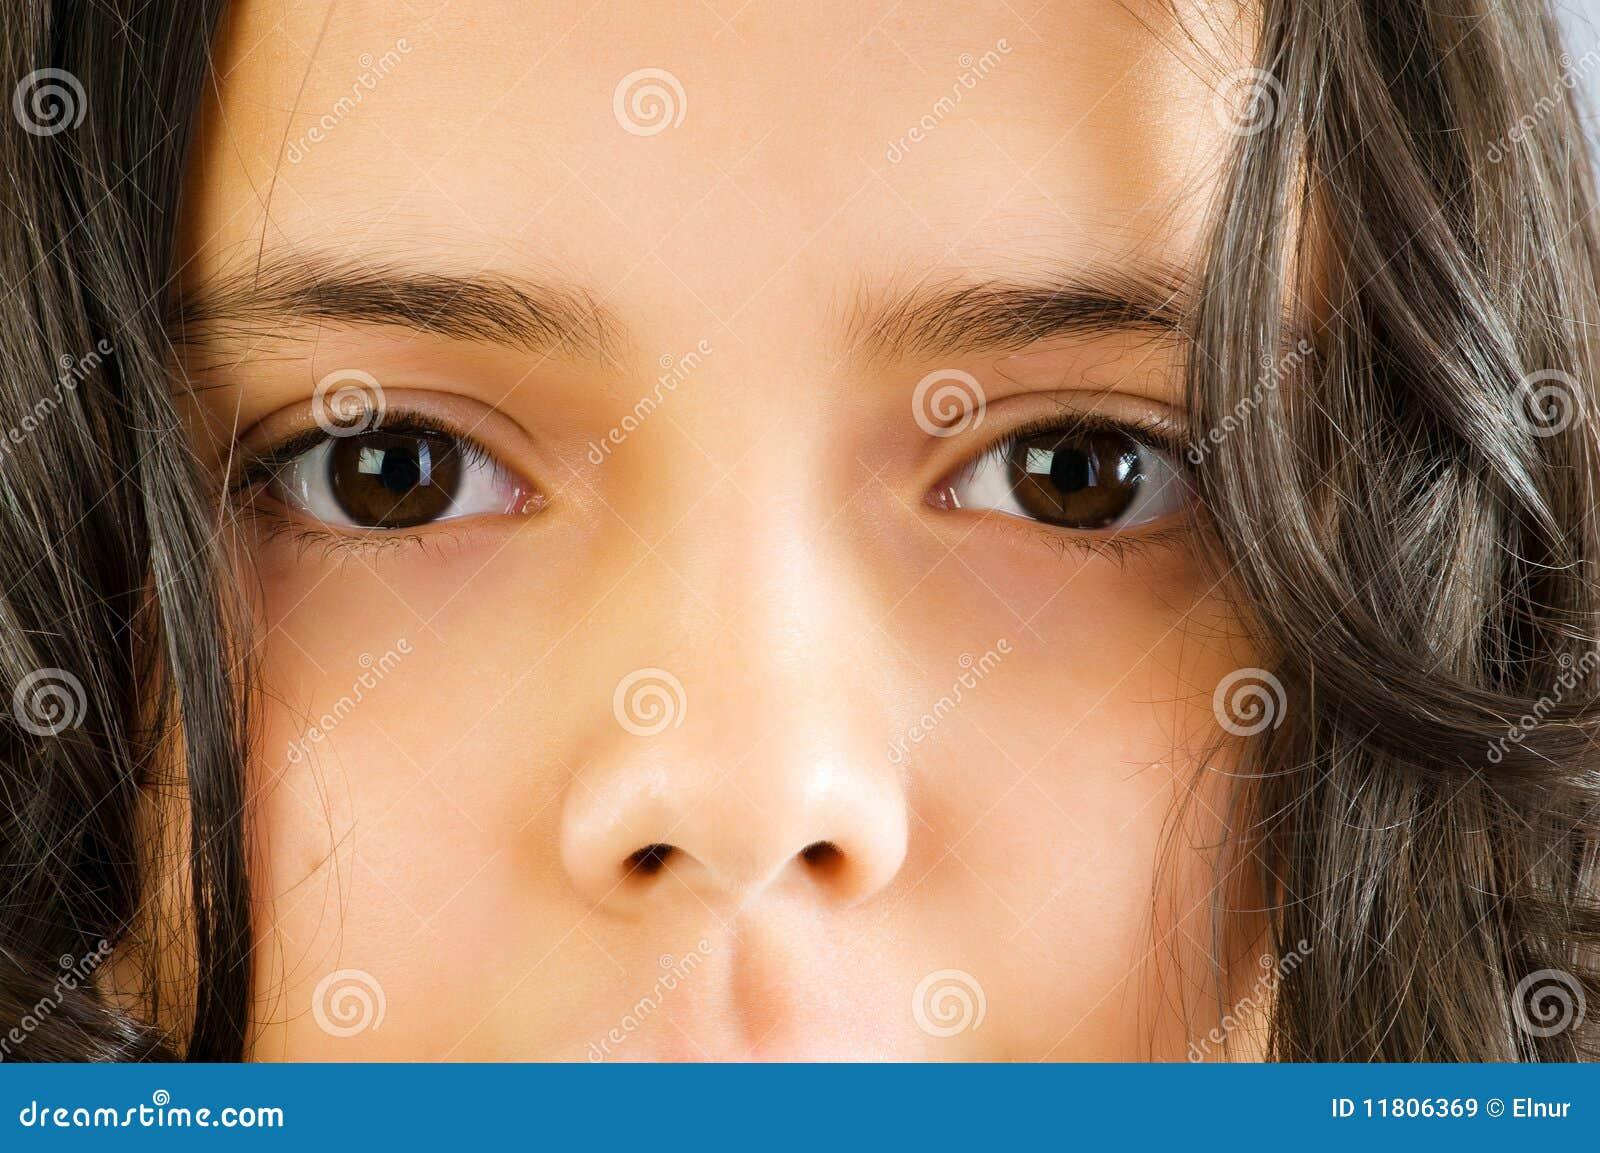 У девочки лицо в сперме 15 фотография